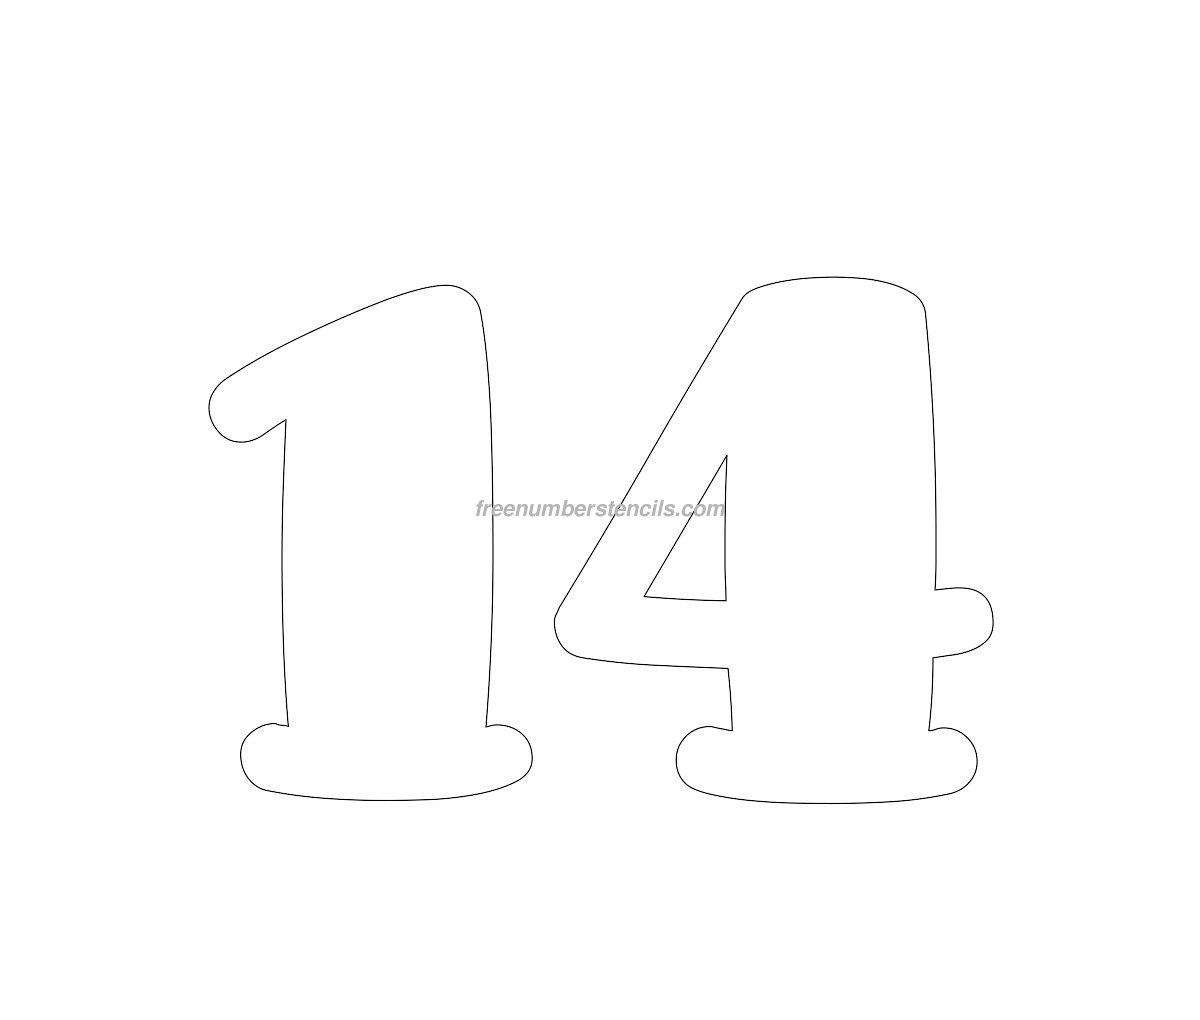 Free Comic 14 Number Stencil Freenumberstencils Com